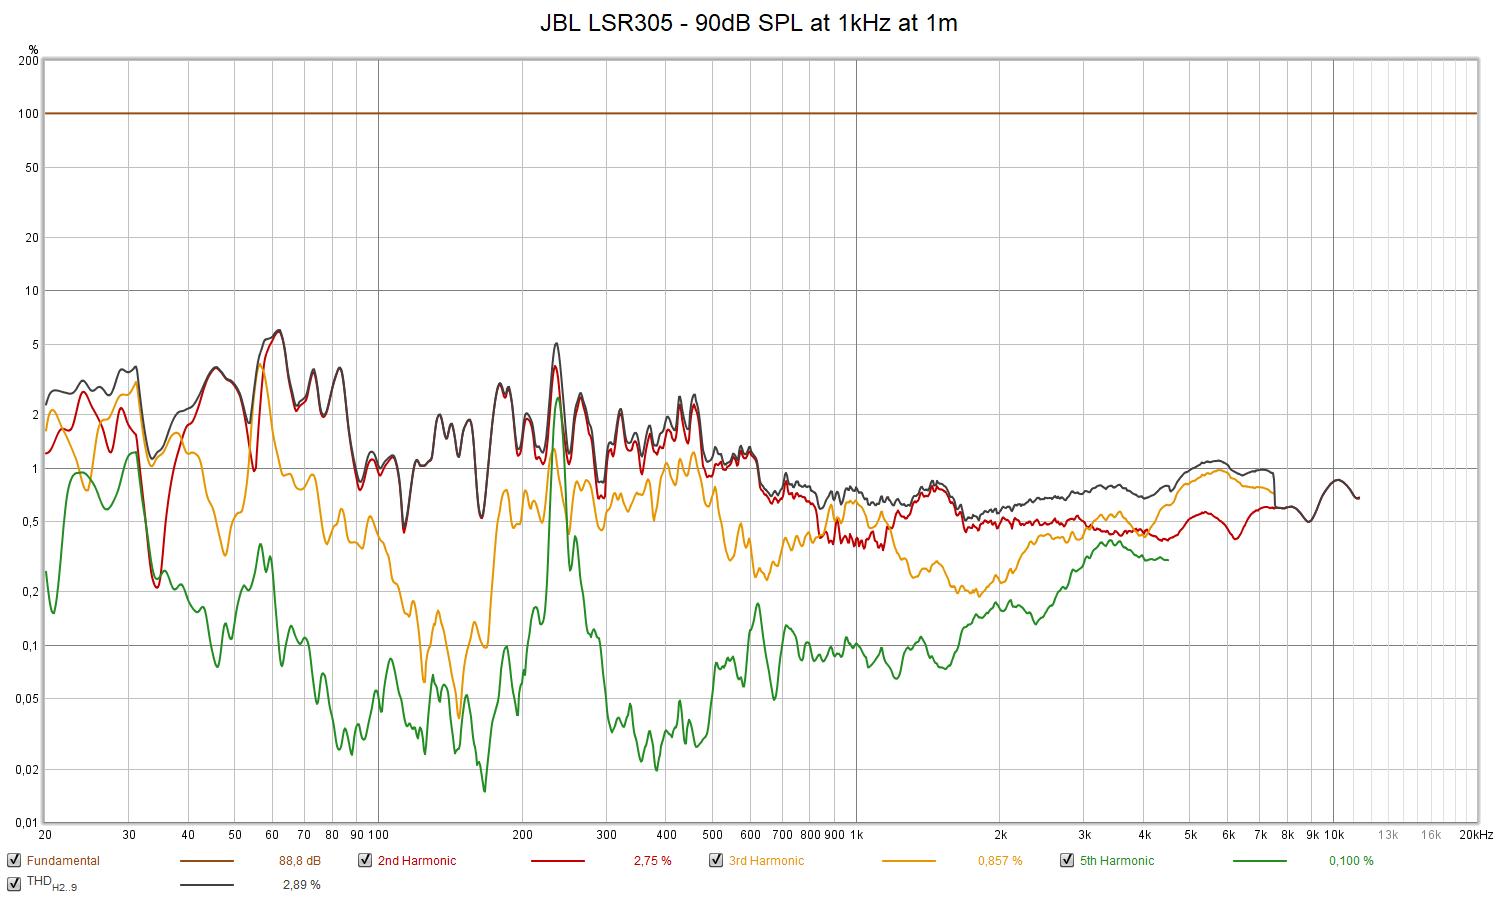 JBL LSR305 - 90dB SPL at 1kHz at 1m.png